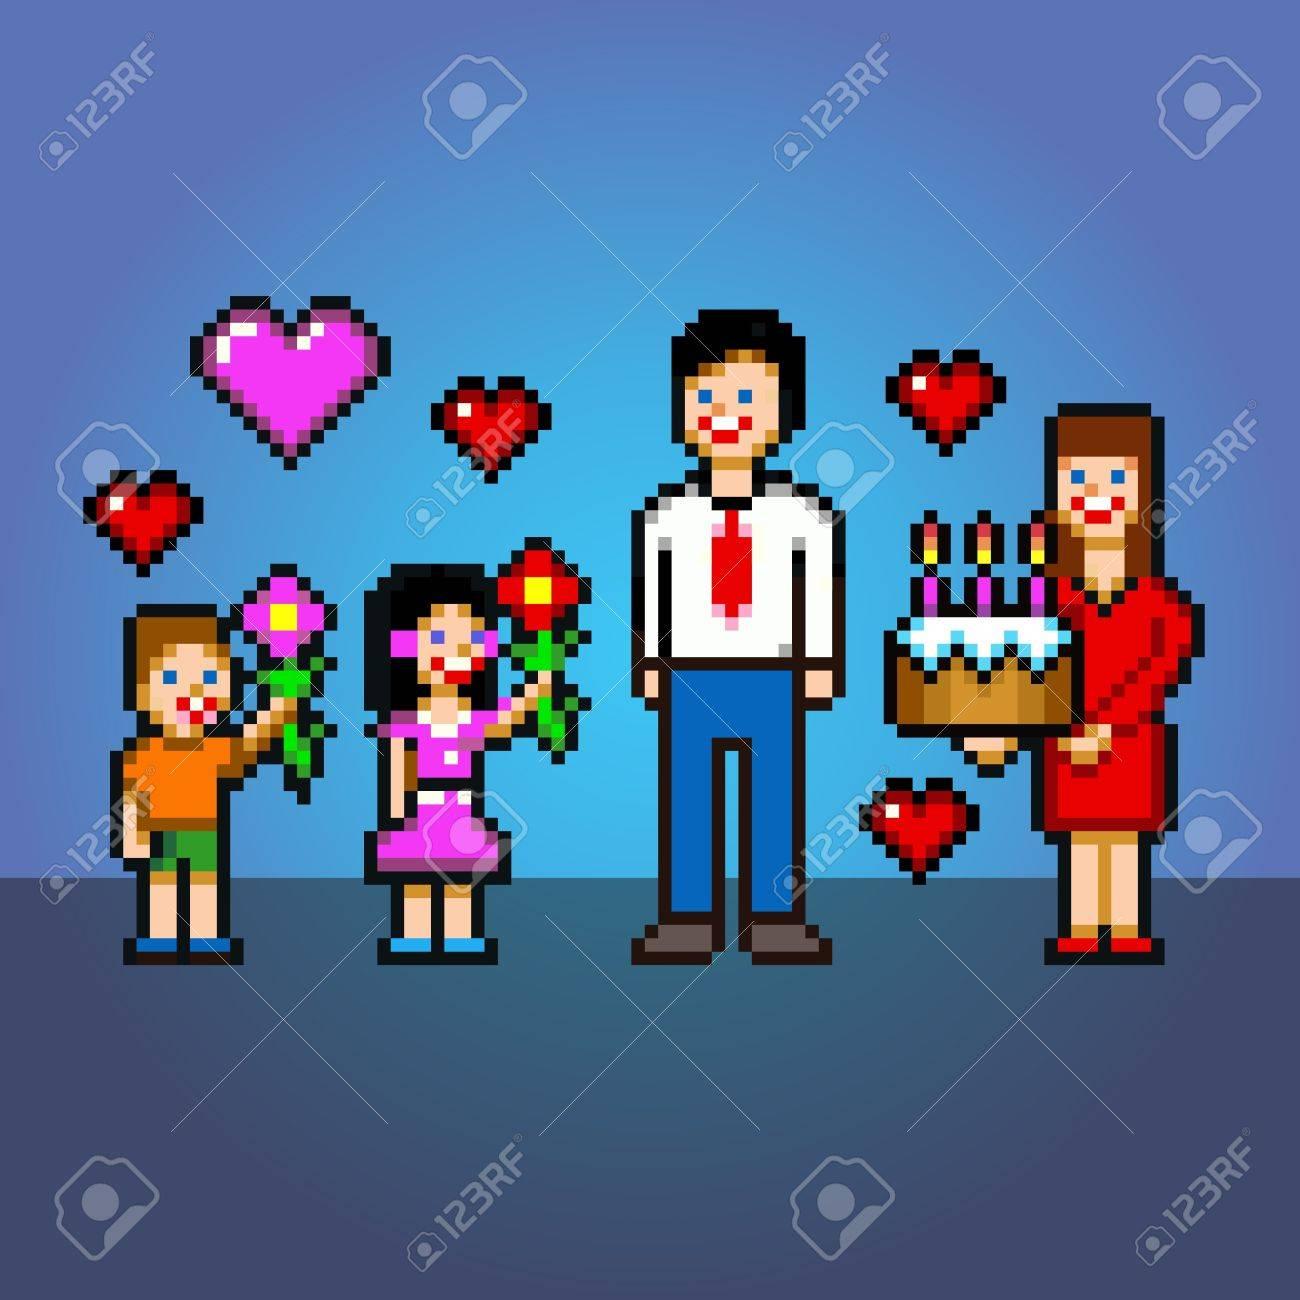 Célébration Daddy Gâteau Et Fleurs De Style Pixel Art Couches Vectorielles Illustration